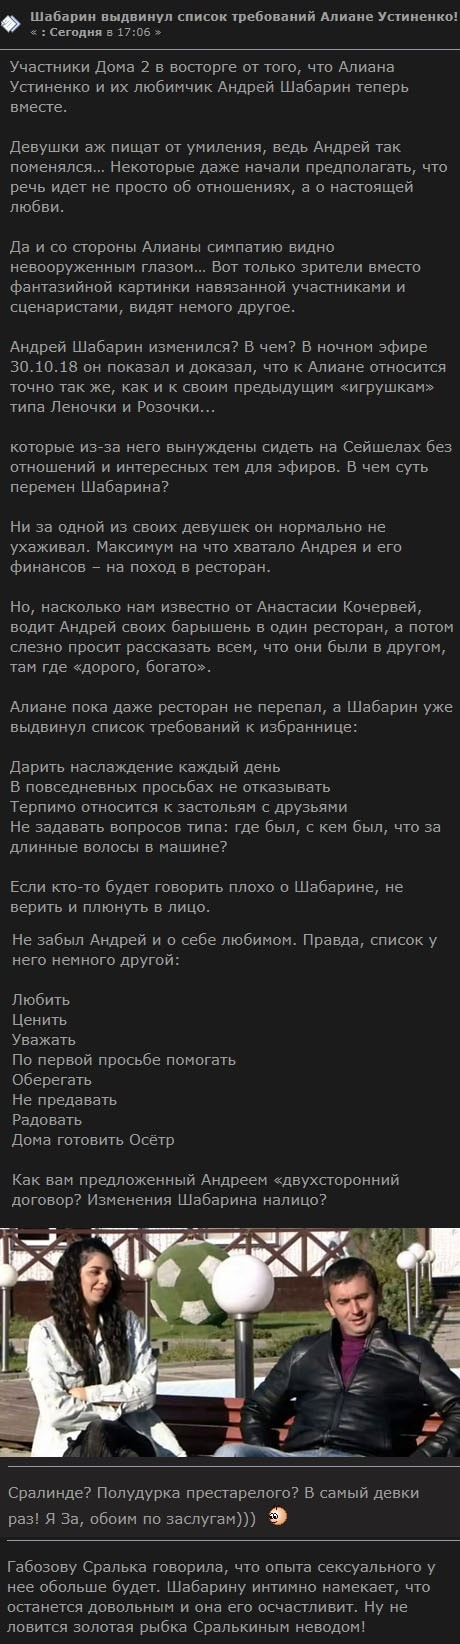 Андрей Шабарин выдвинул список с требованиями к Алиане Устиненко